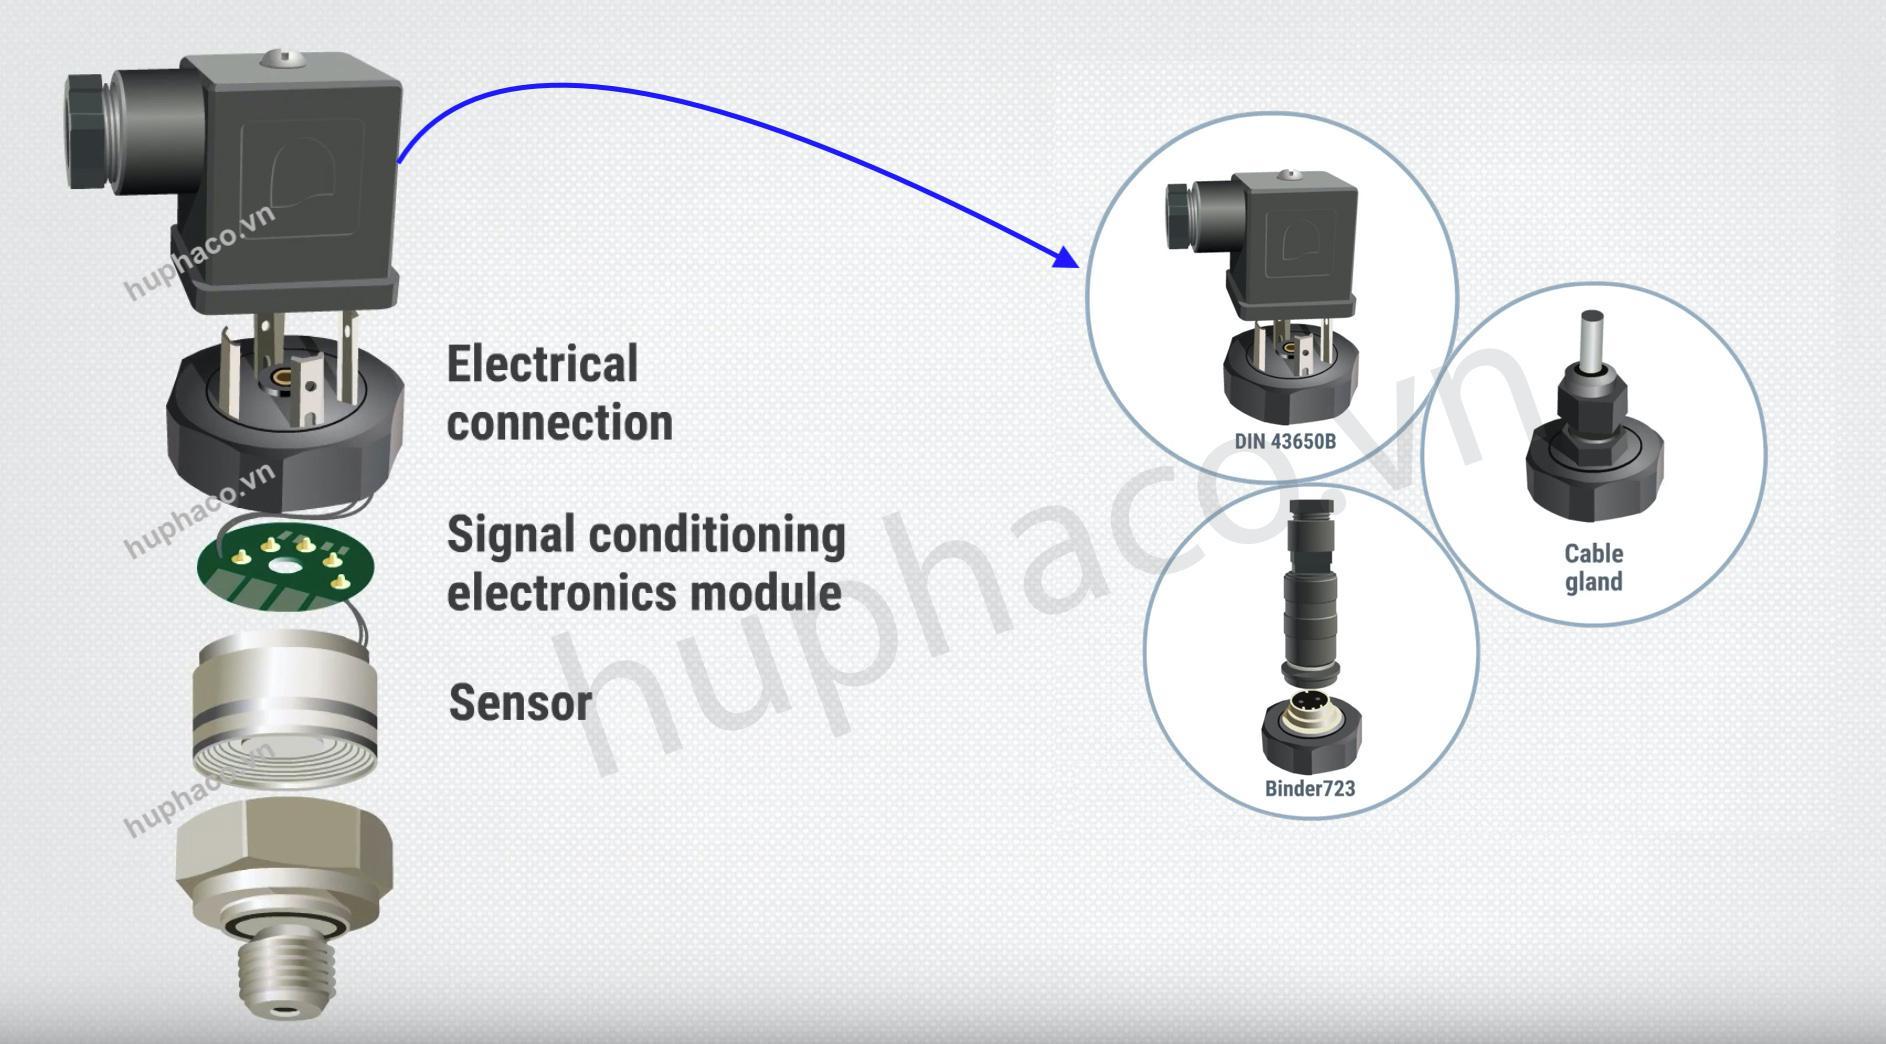 Chuẩn kết nối ISO 4400 được sử dụng phổ biến trên cảm biến áp suất giá rẻ